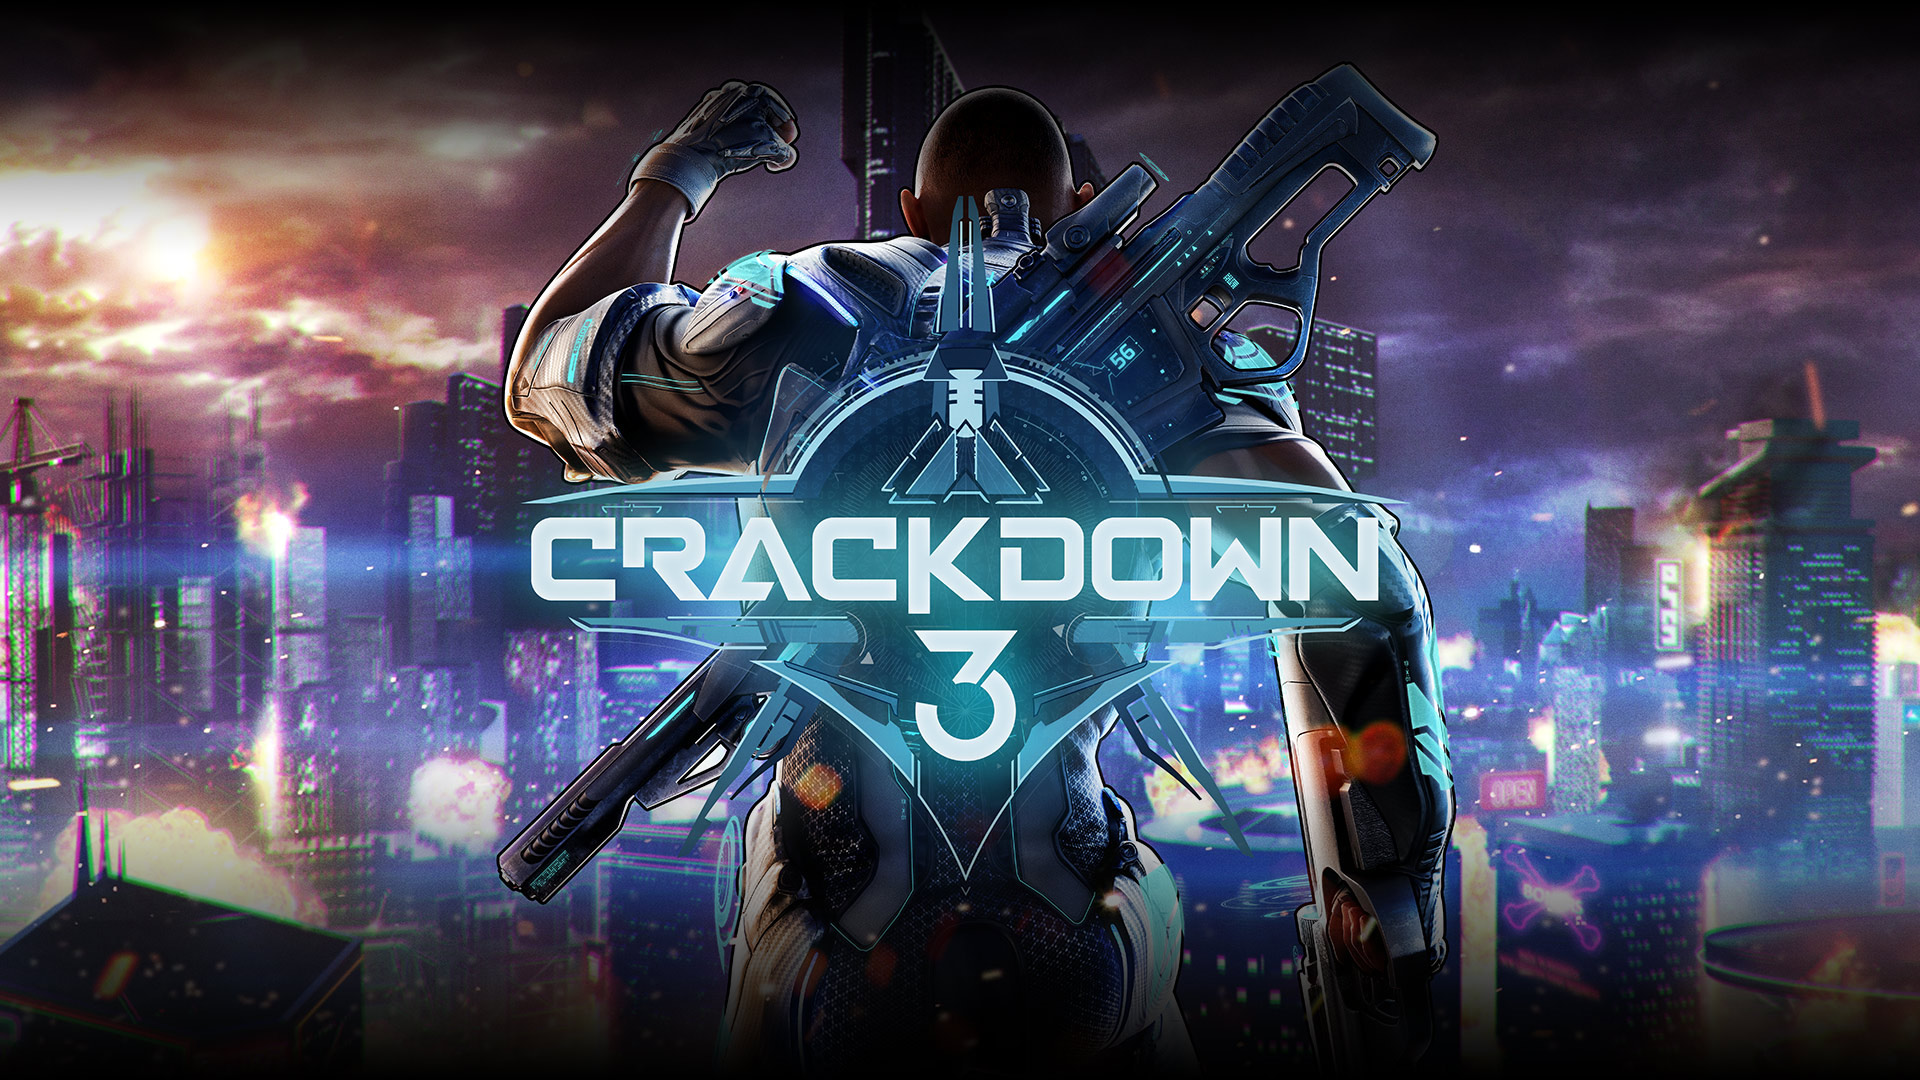 crackdown 3, voice actor, voice cast